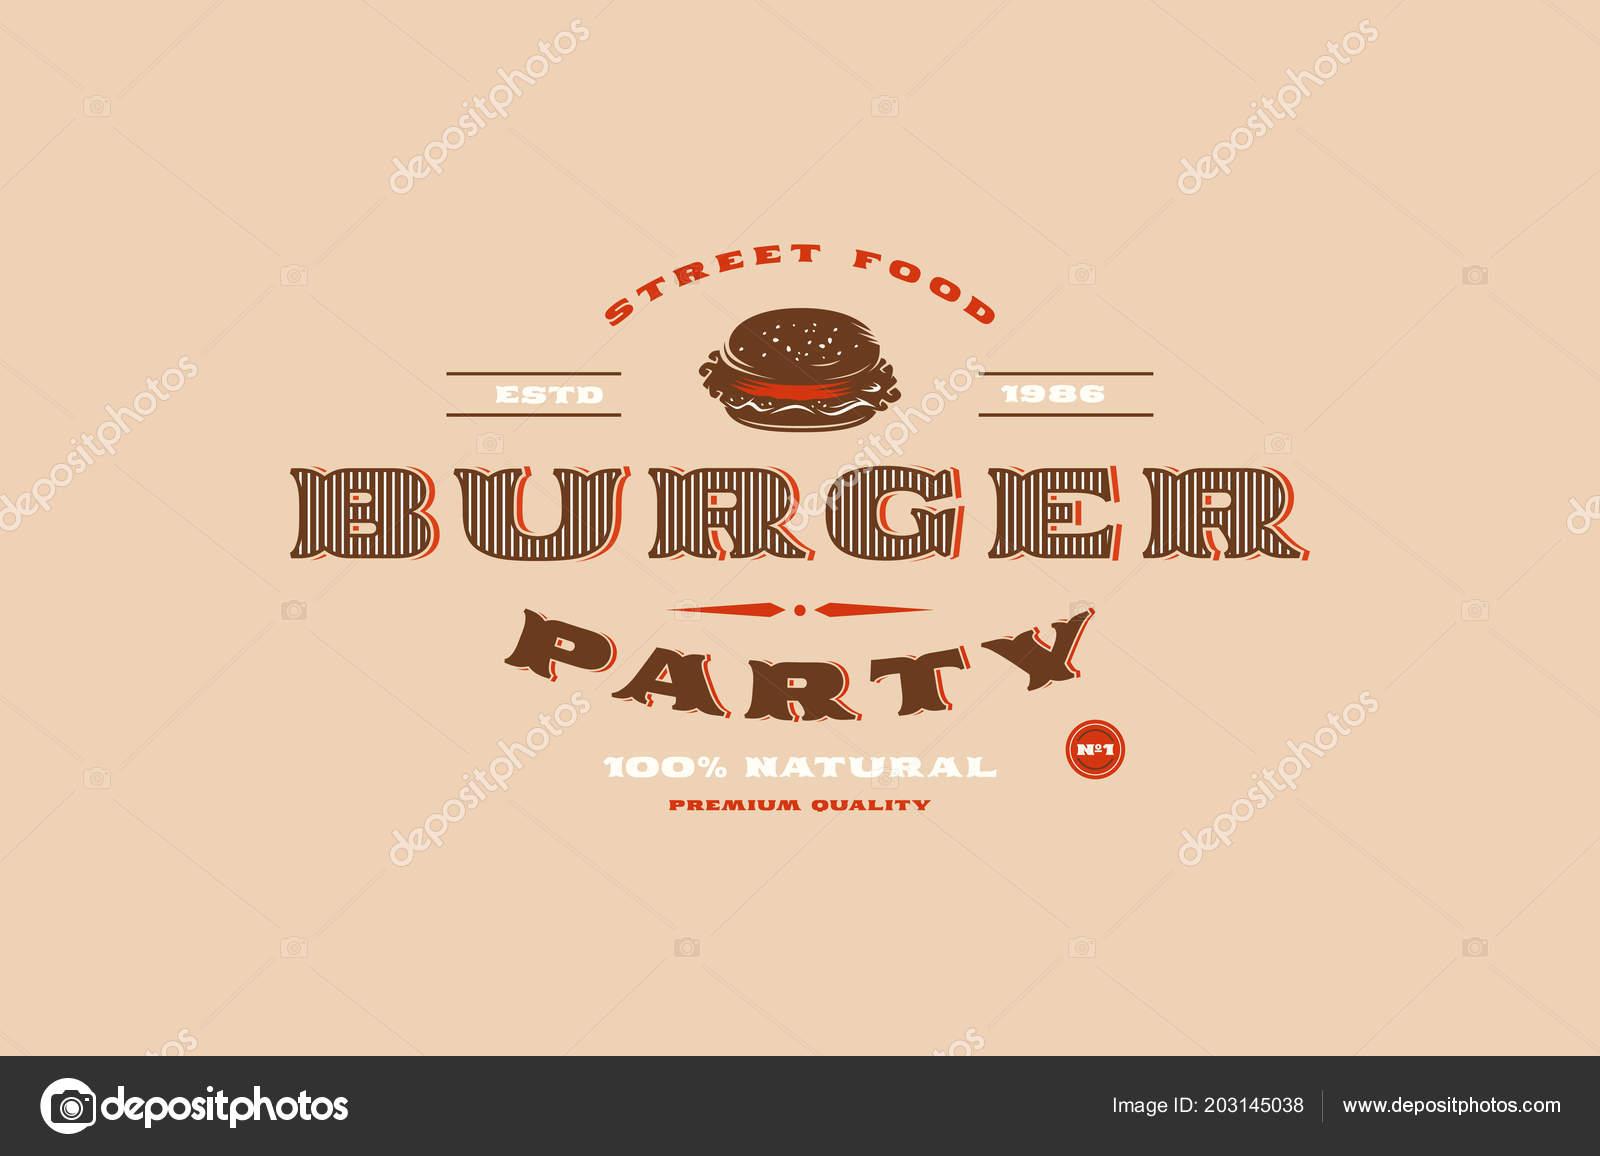 Plantilla Vector Stock Etiqueta Partido Burger Impresión Sobre Fondo ...